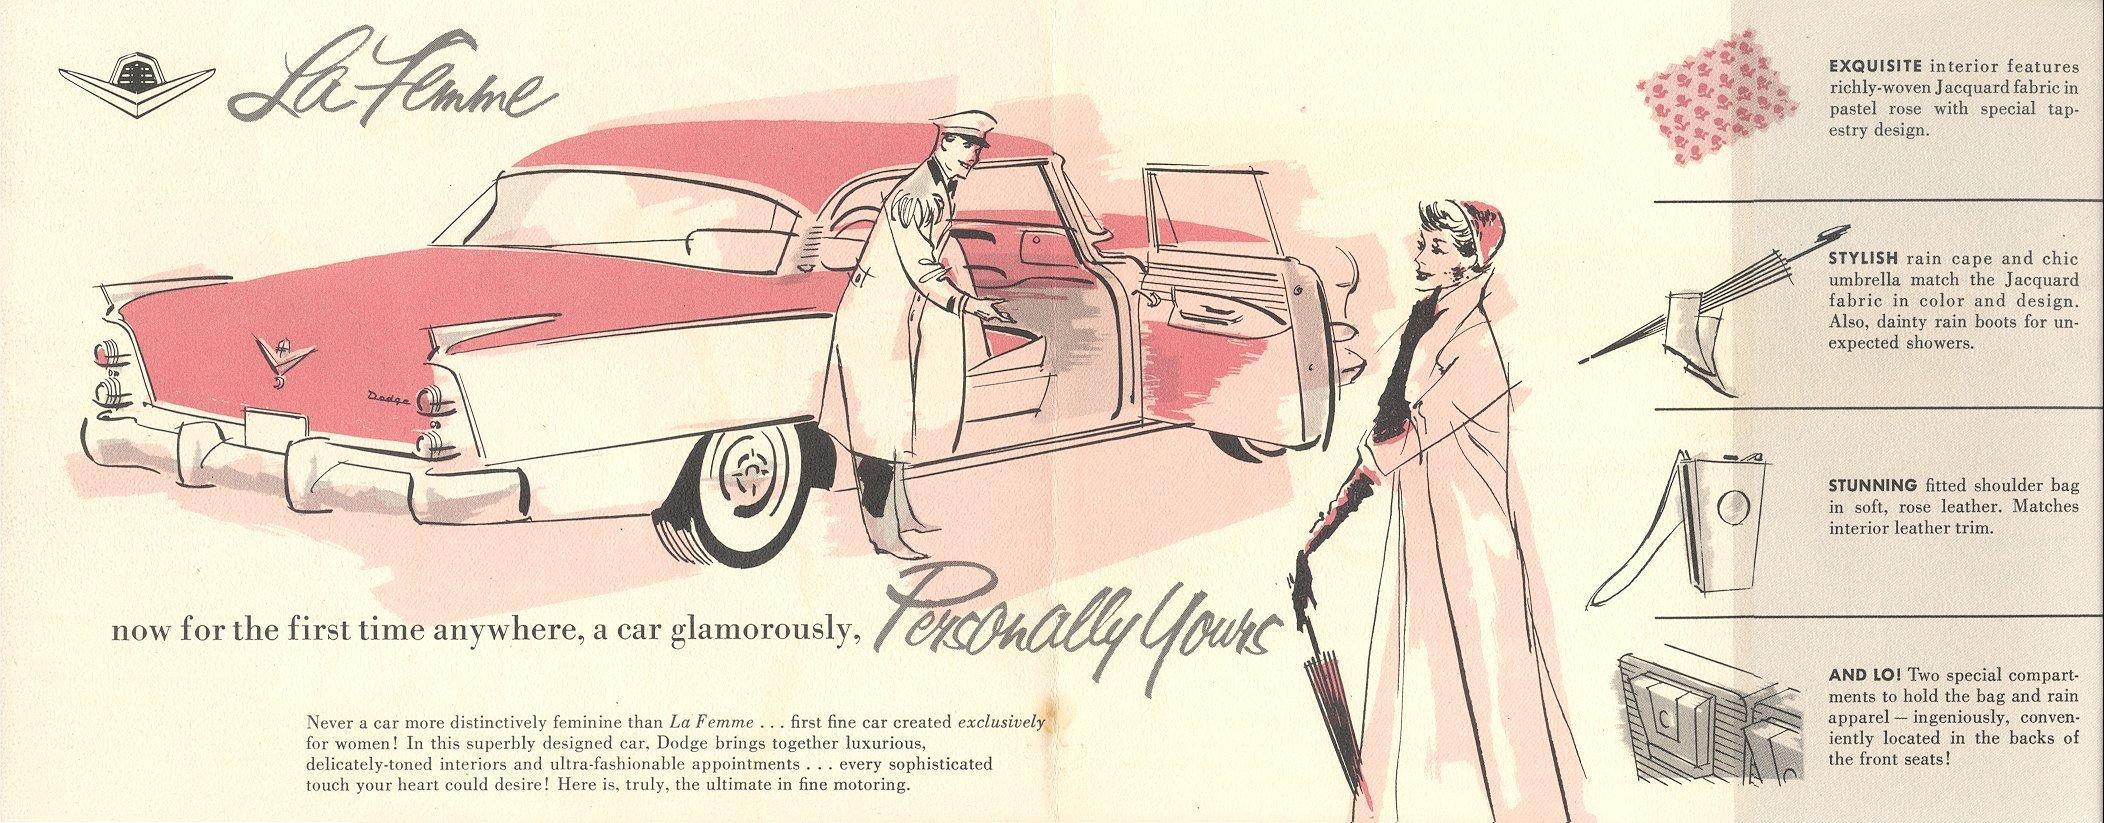 Com'era La Femme Dodge, la macchina progettata da uomini per le donne